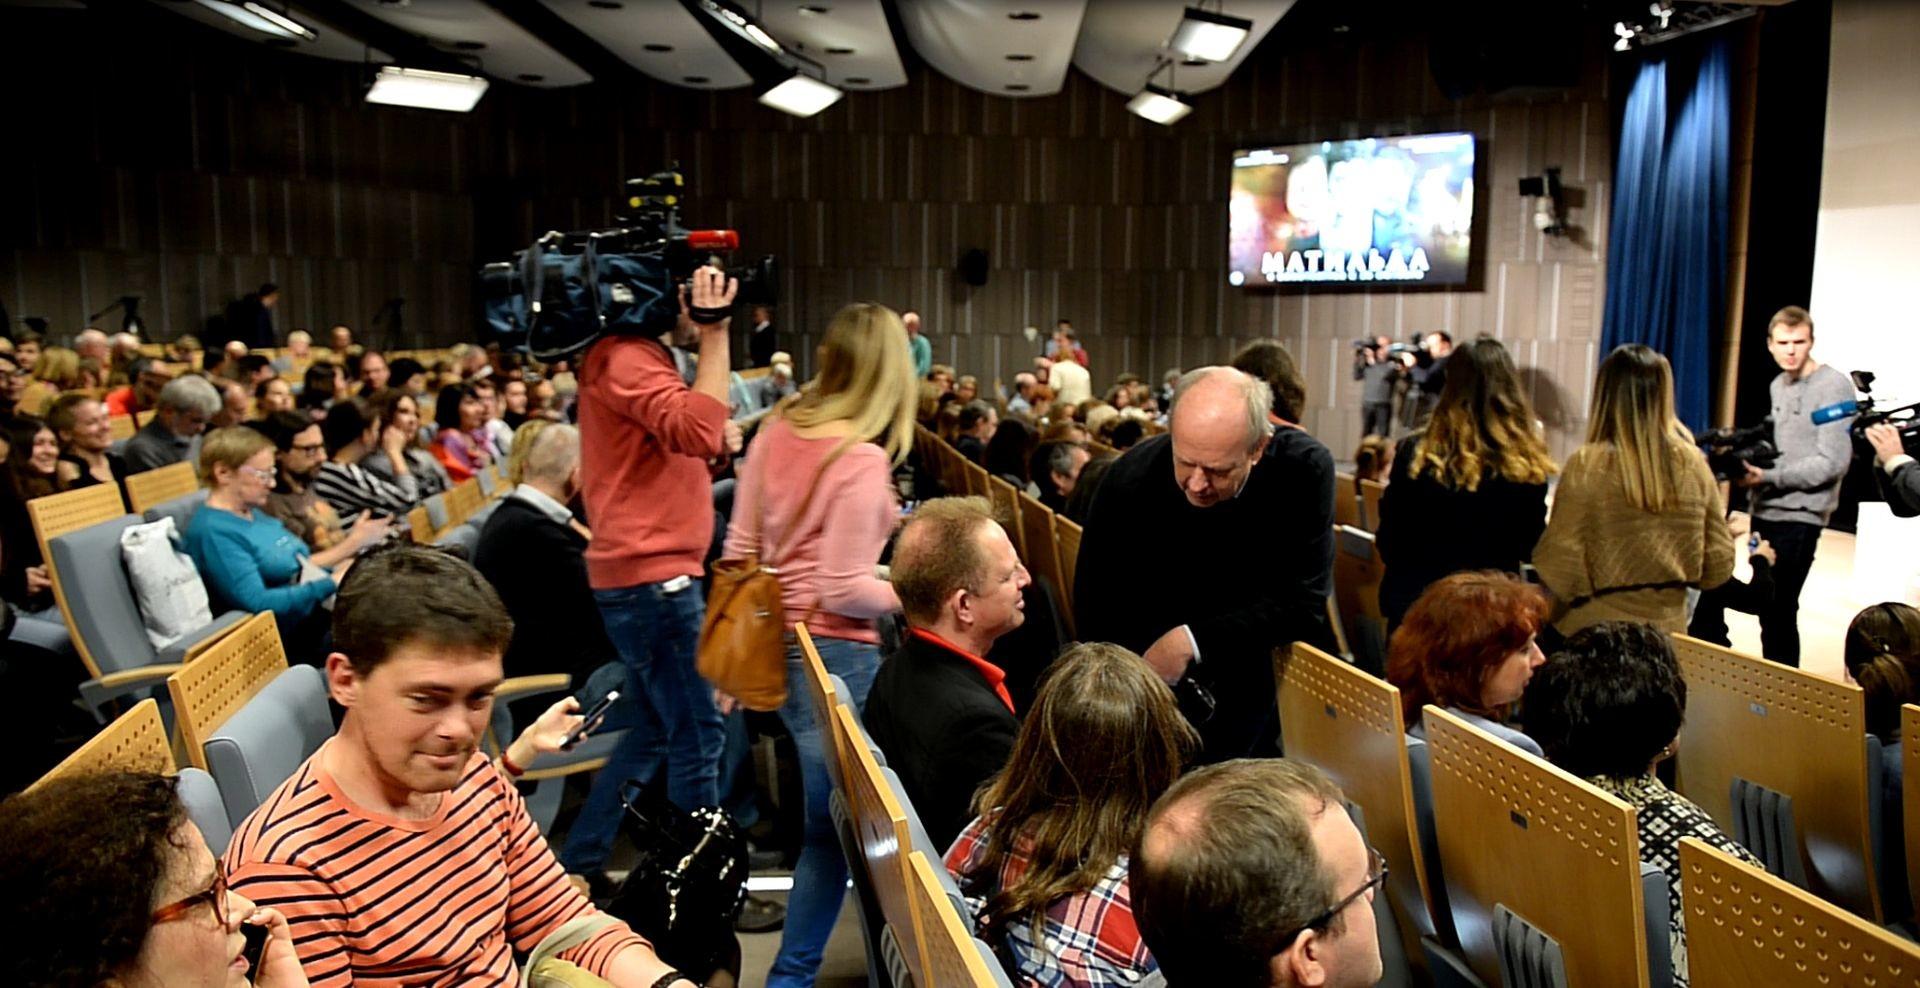 """Russland: Streit um Aufführung des Films """"Mathilda"""""""